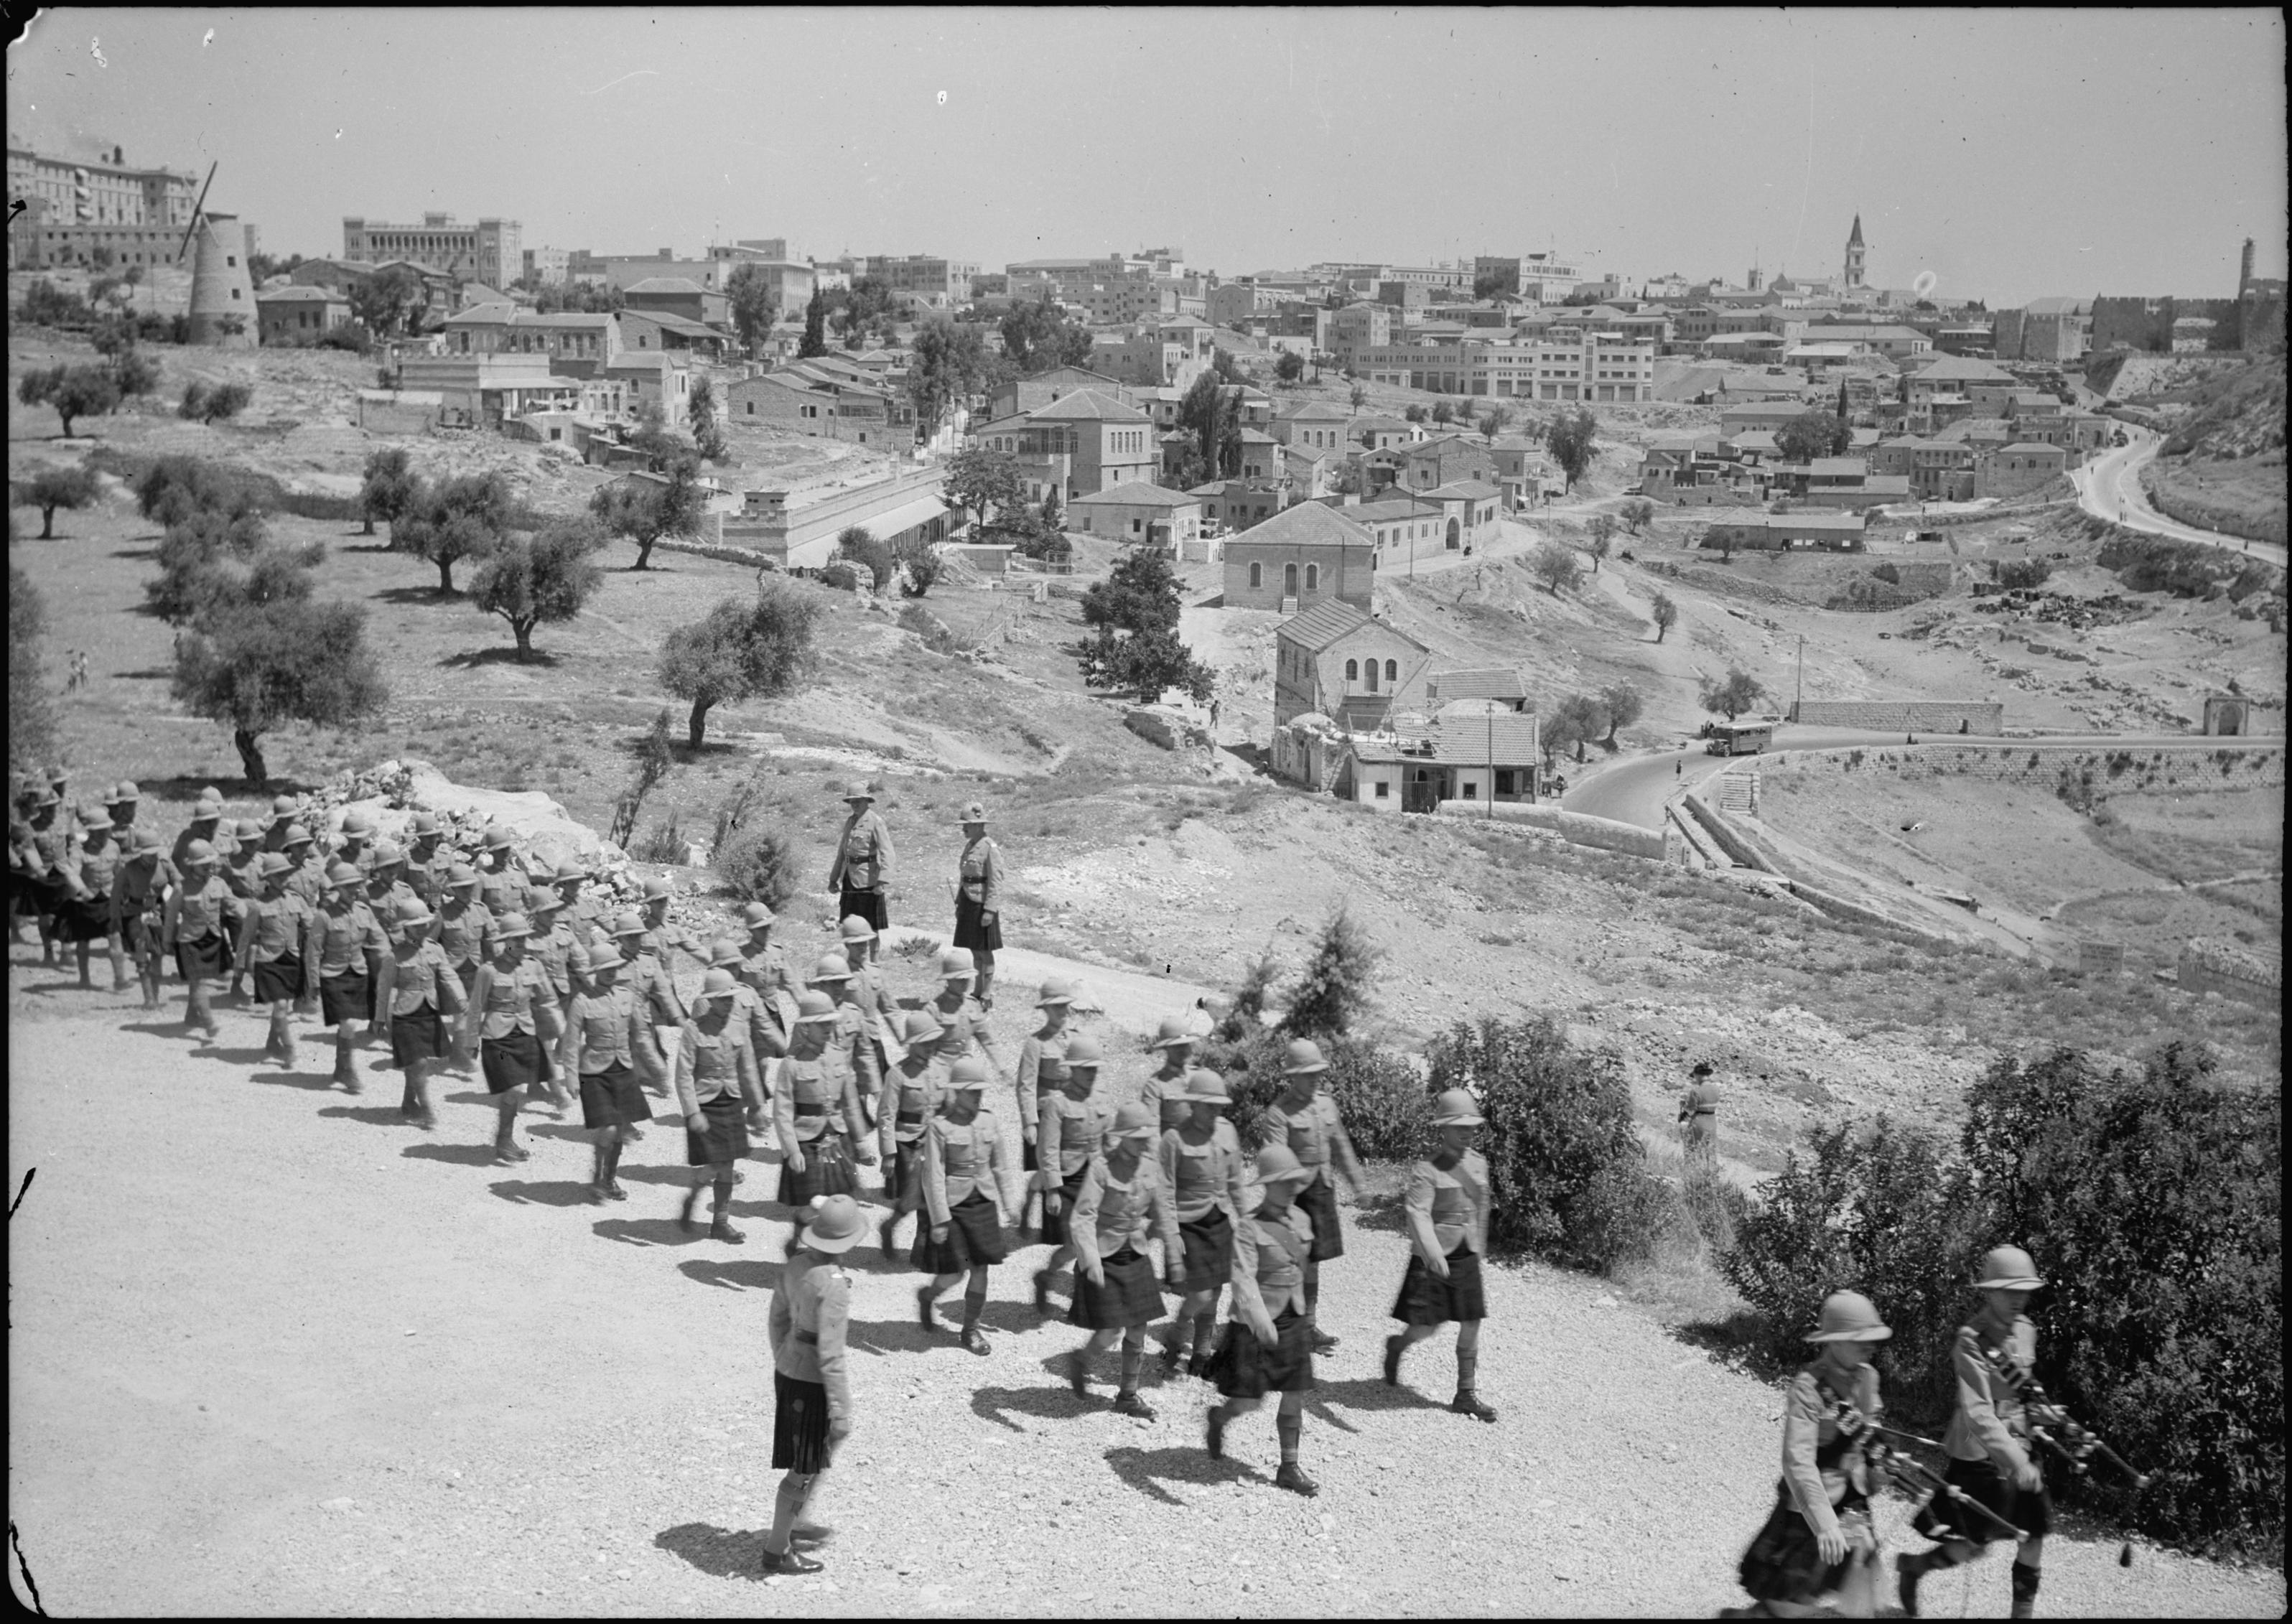 دور الانجليز الاستعماري بتسليم فلسطين وتهجير السكان